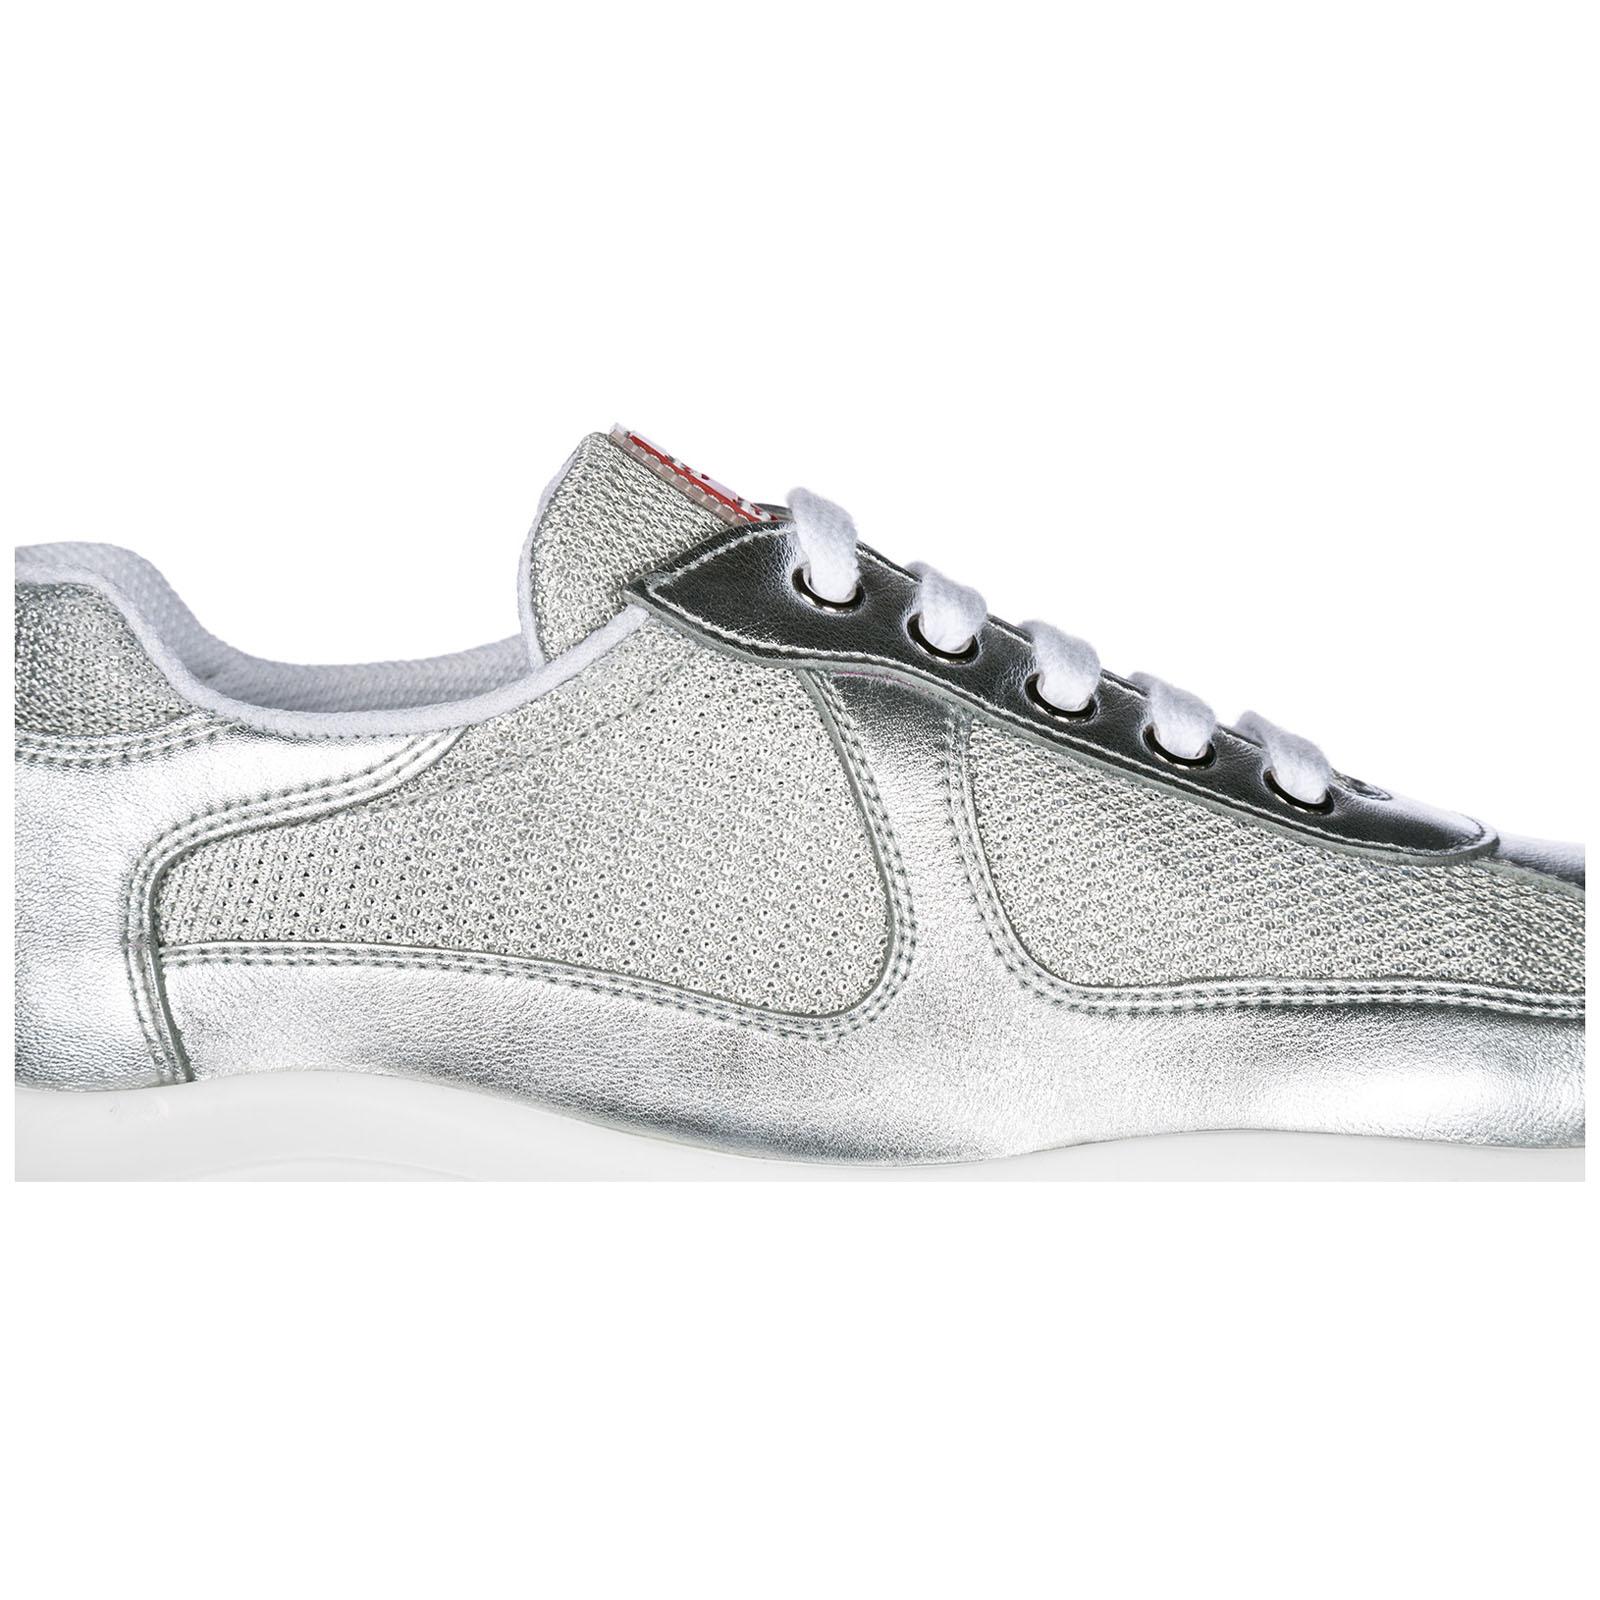 8311336c41 Sneakers Prada 1E795I6GWF0118 argento | FRMODA.com